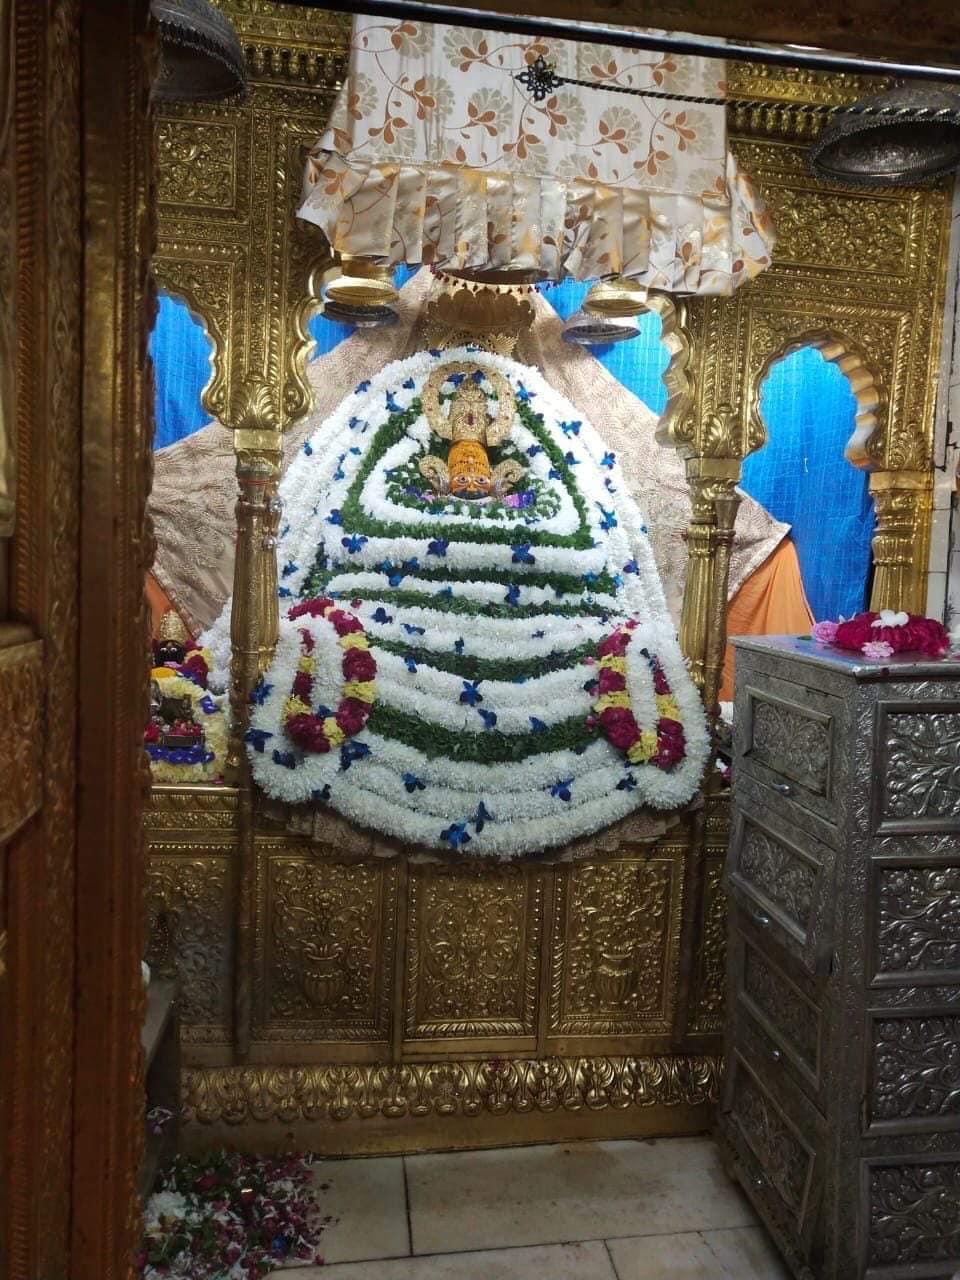 khatu shyam u darshan 07.10.2019